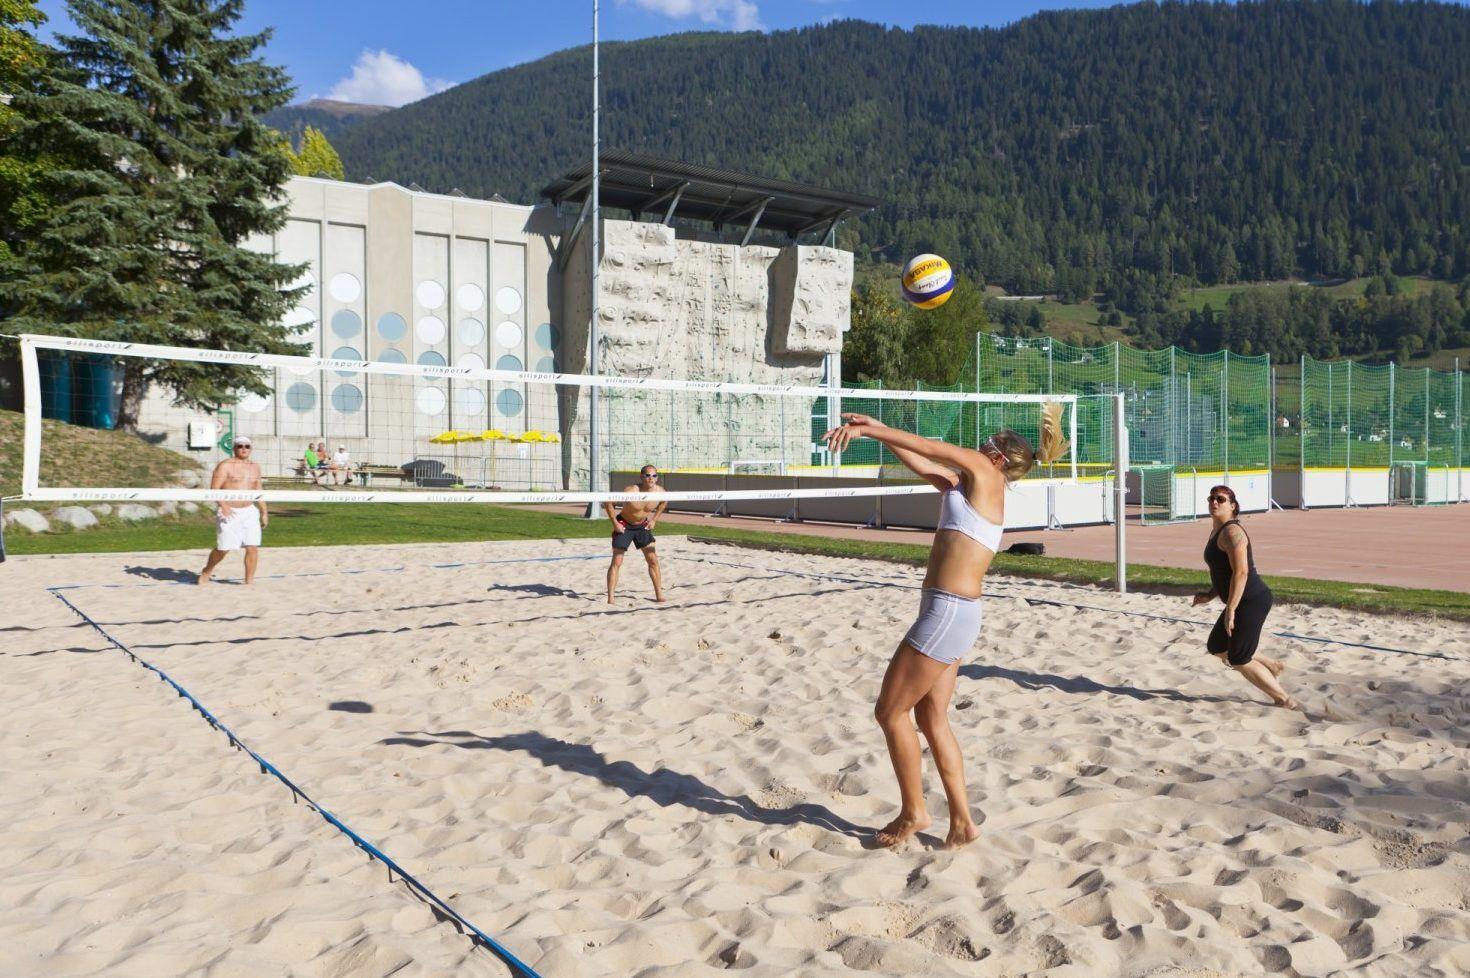 Beachvolleyballplatz im Fussball Trainingslager Wallis